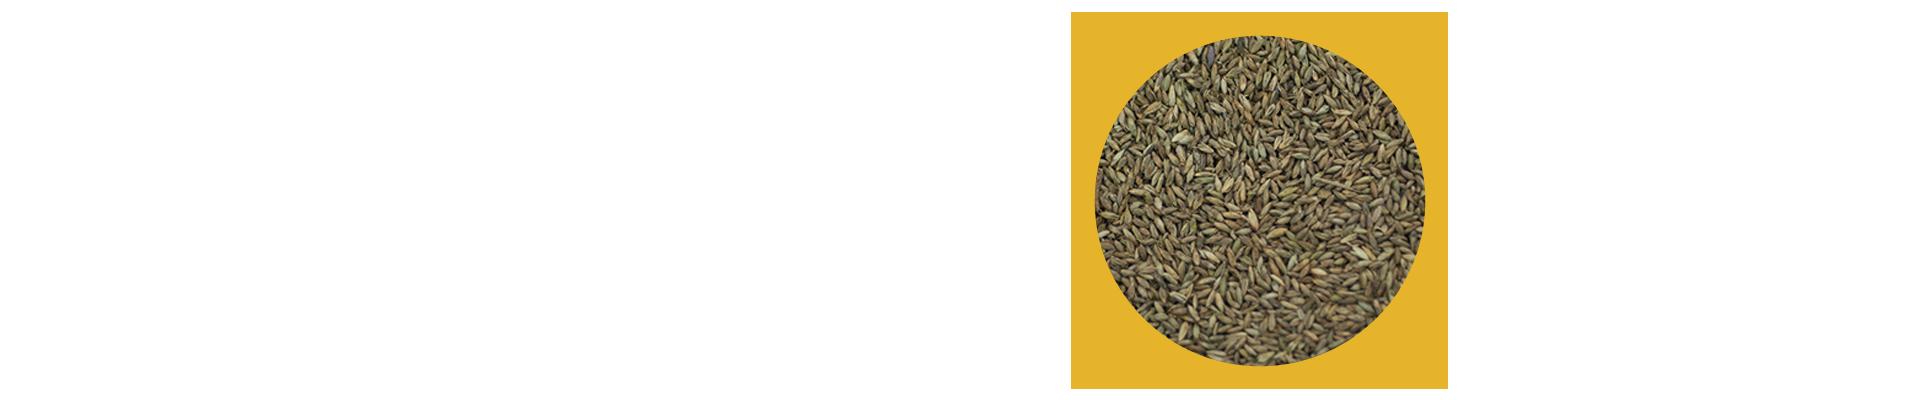 A BRS Tamani (Panicum maximum cv. Tamani) é o primeiro panicum híbrido da Embrapa. É uma forrageira de porte baixo, com grande produção de folhas que proporciona boa a cobertura de solo e vigor. Suas principais vantagens são elevada qualidade, facilidade de manejo, baixo porto, produtividade por animal e elevada qualidade no início da seca.